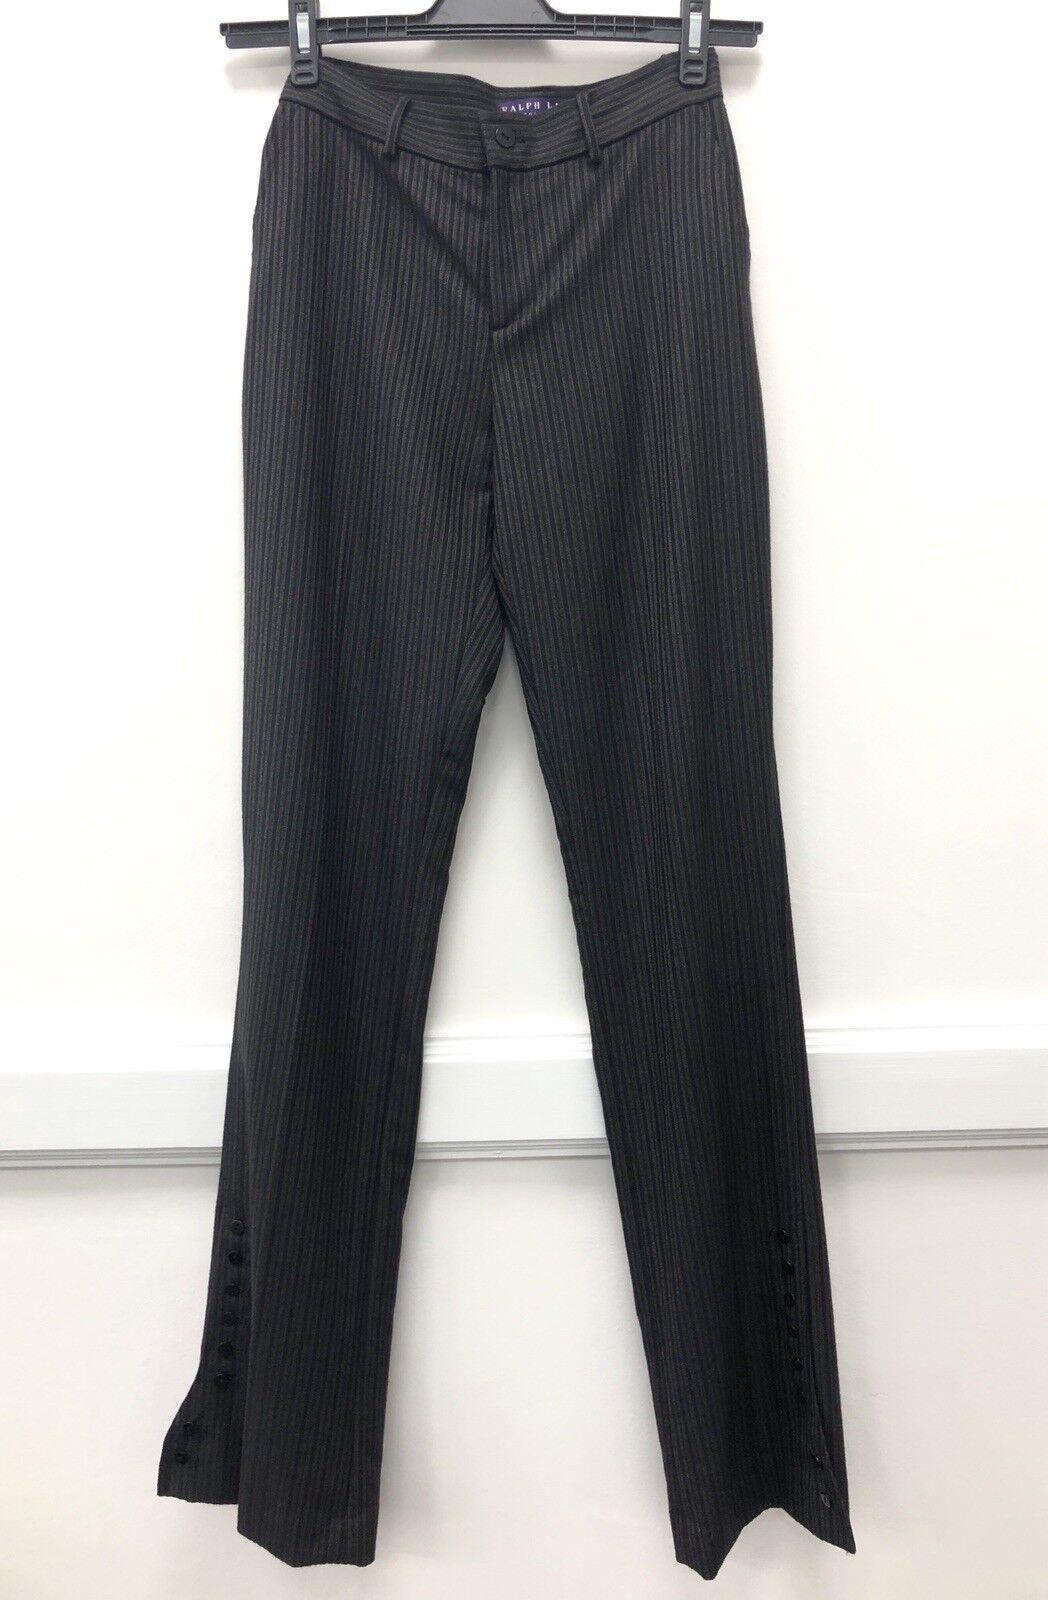 Ralph Lauren UK12 (US8) - Marronee Gessato avviocut Pantaloni con dettaglio di bottoni. NUOVO